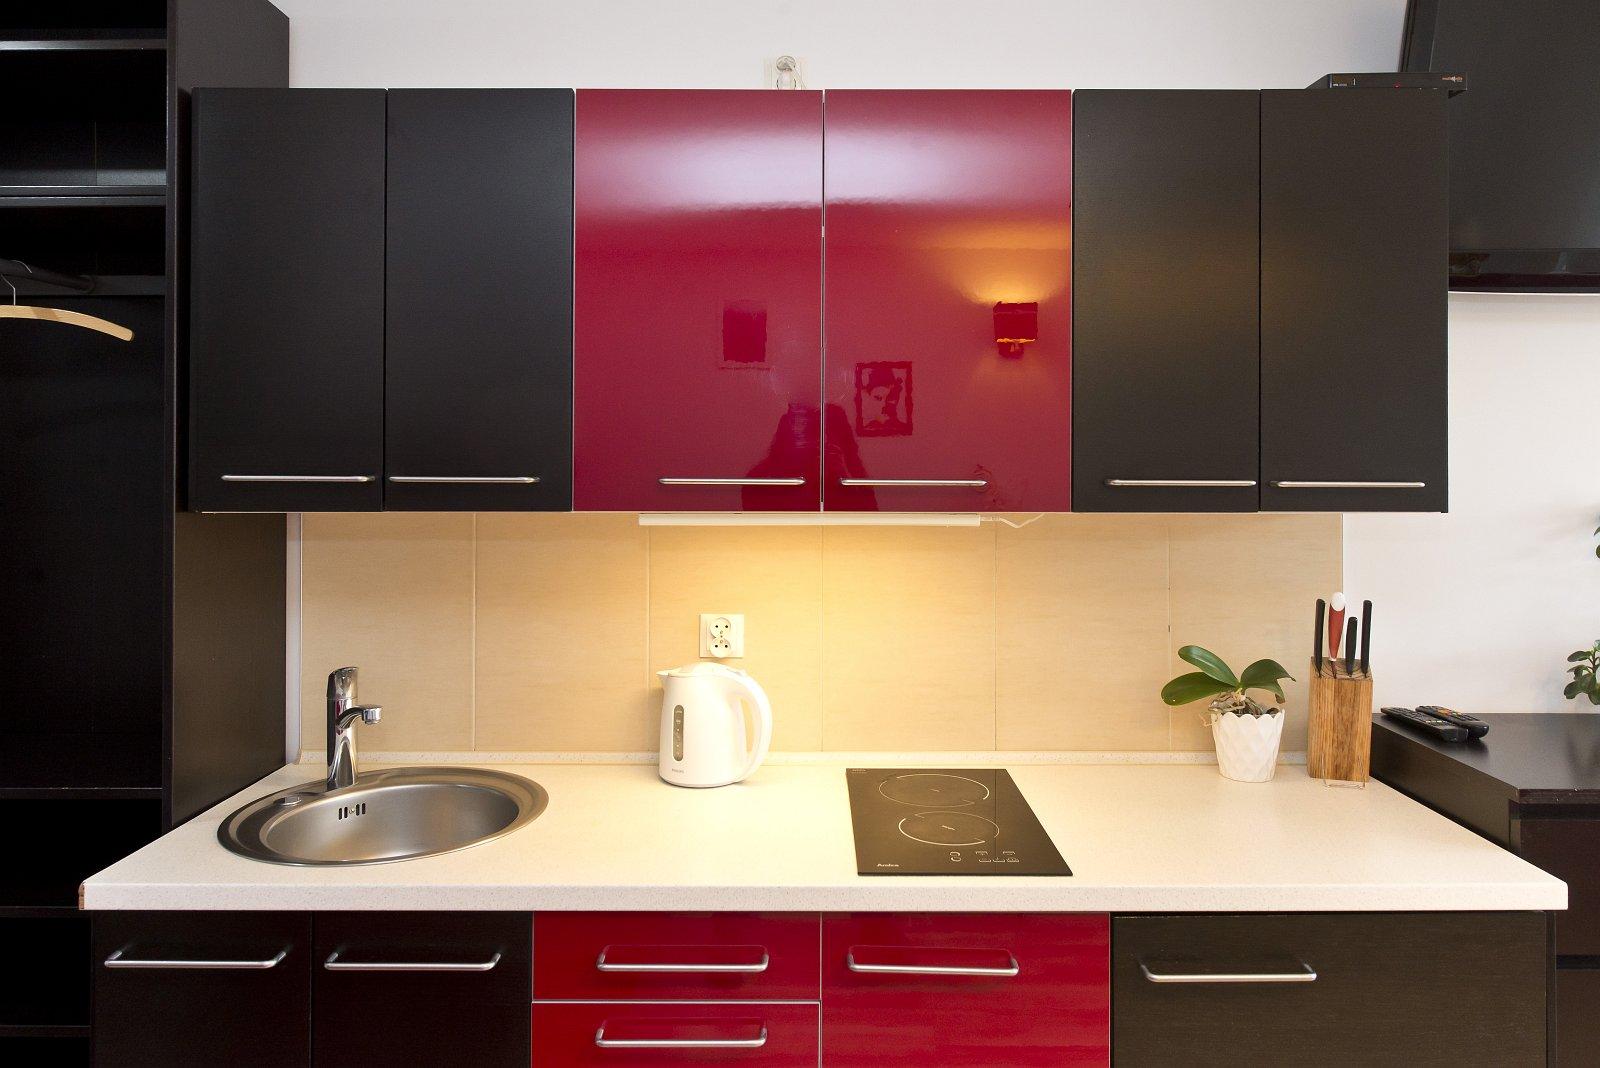 mieszkanie-wynajem-gdansk-ow6-01-02web